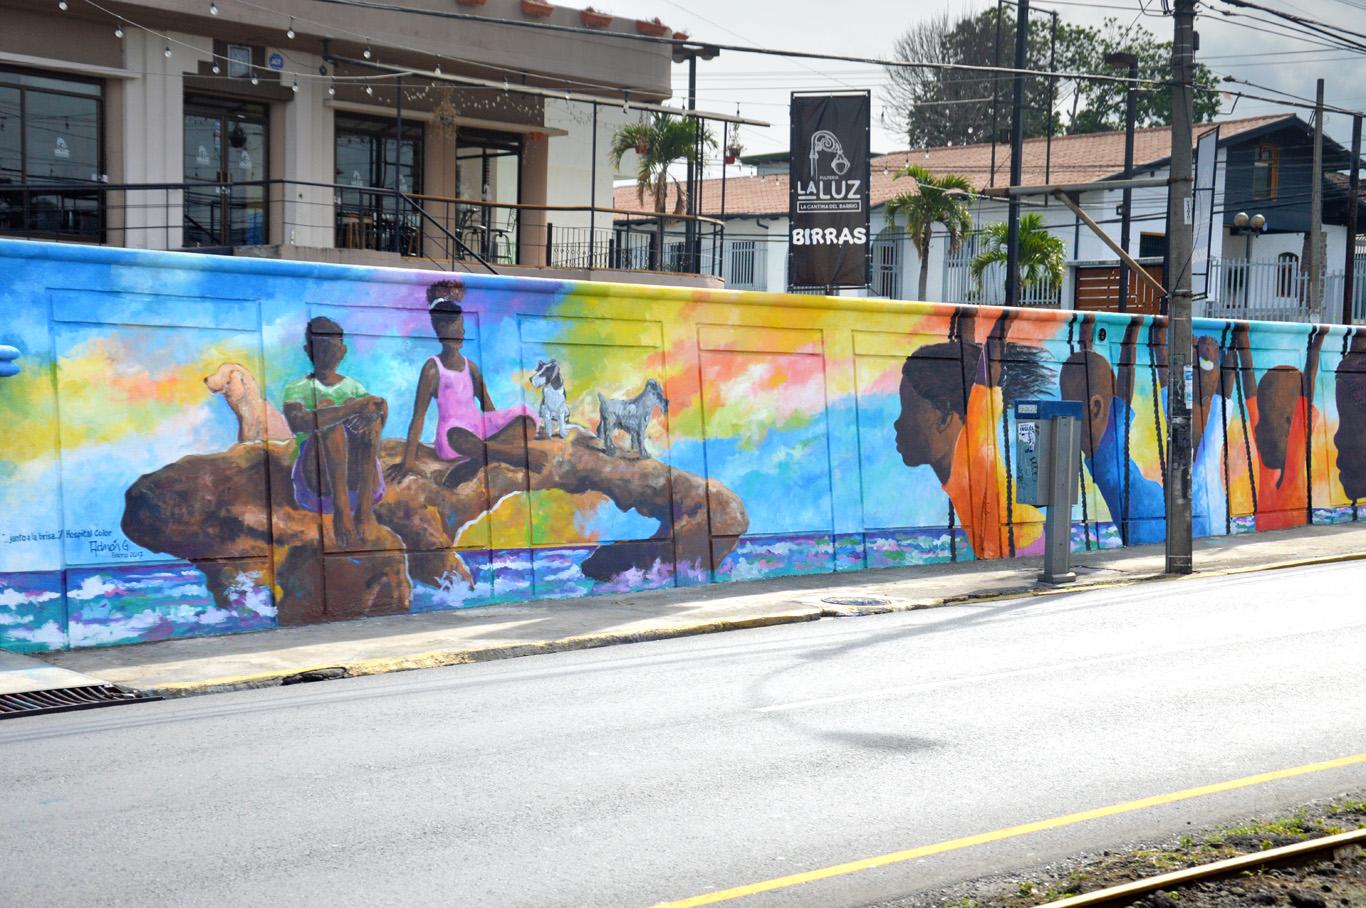 Graffiti in San Jose